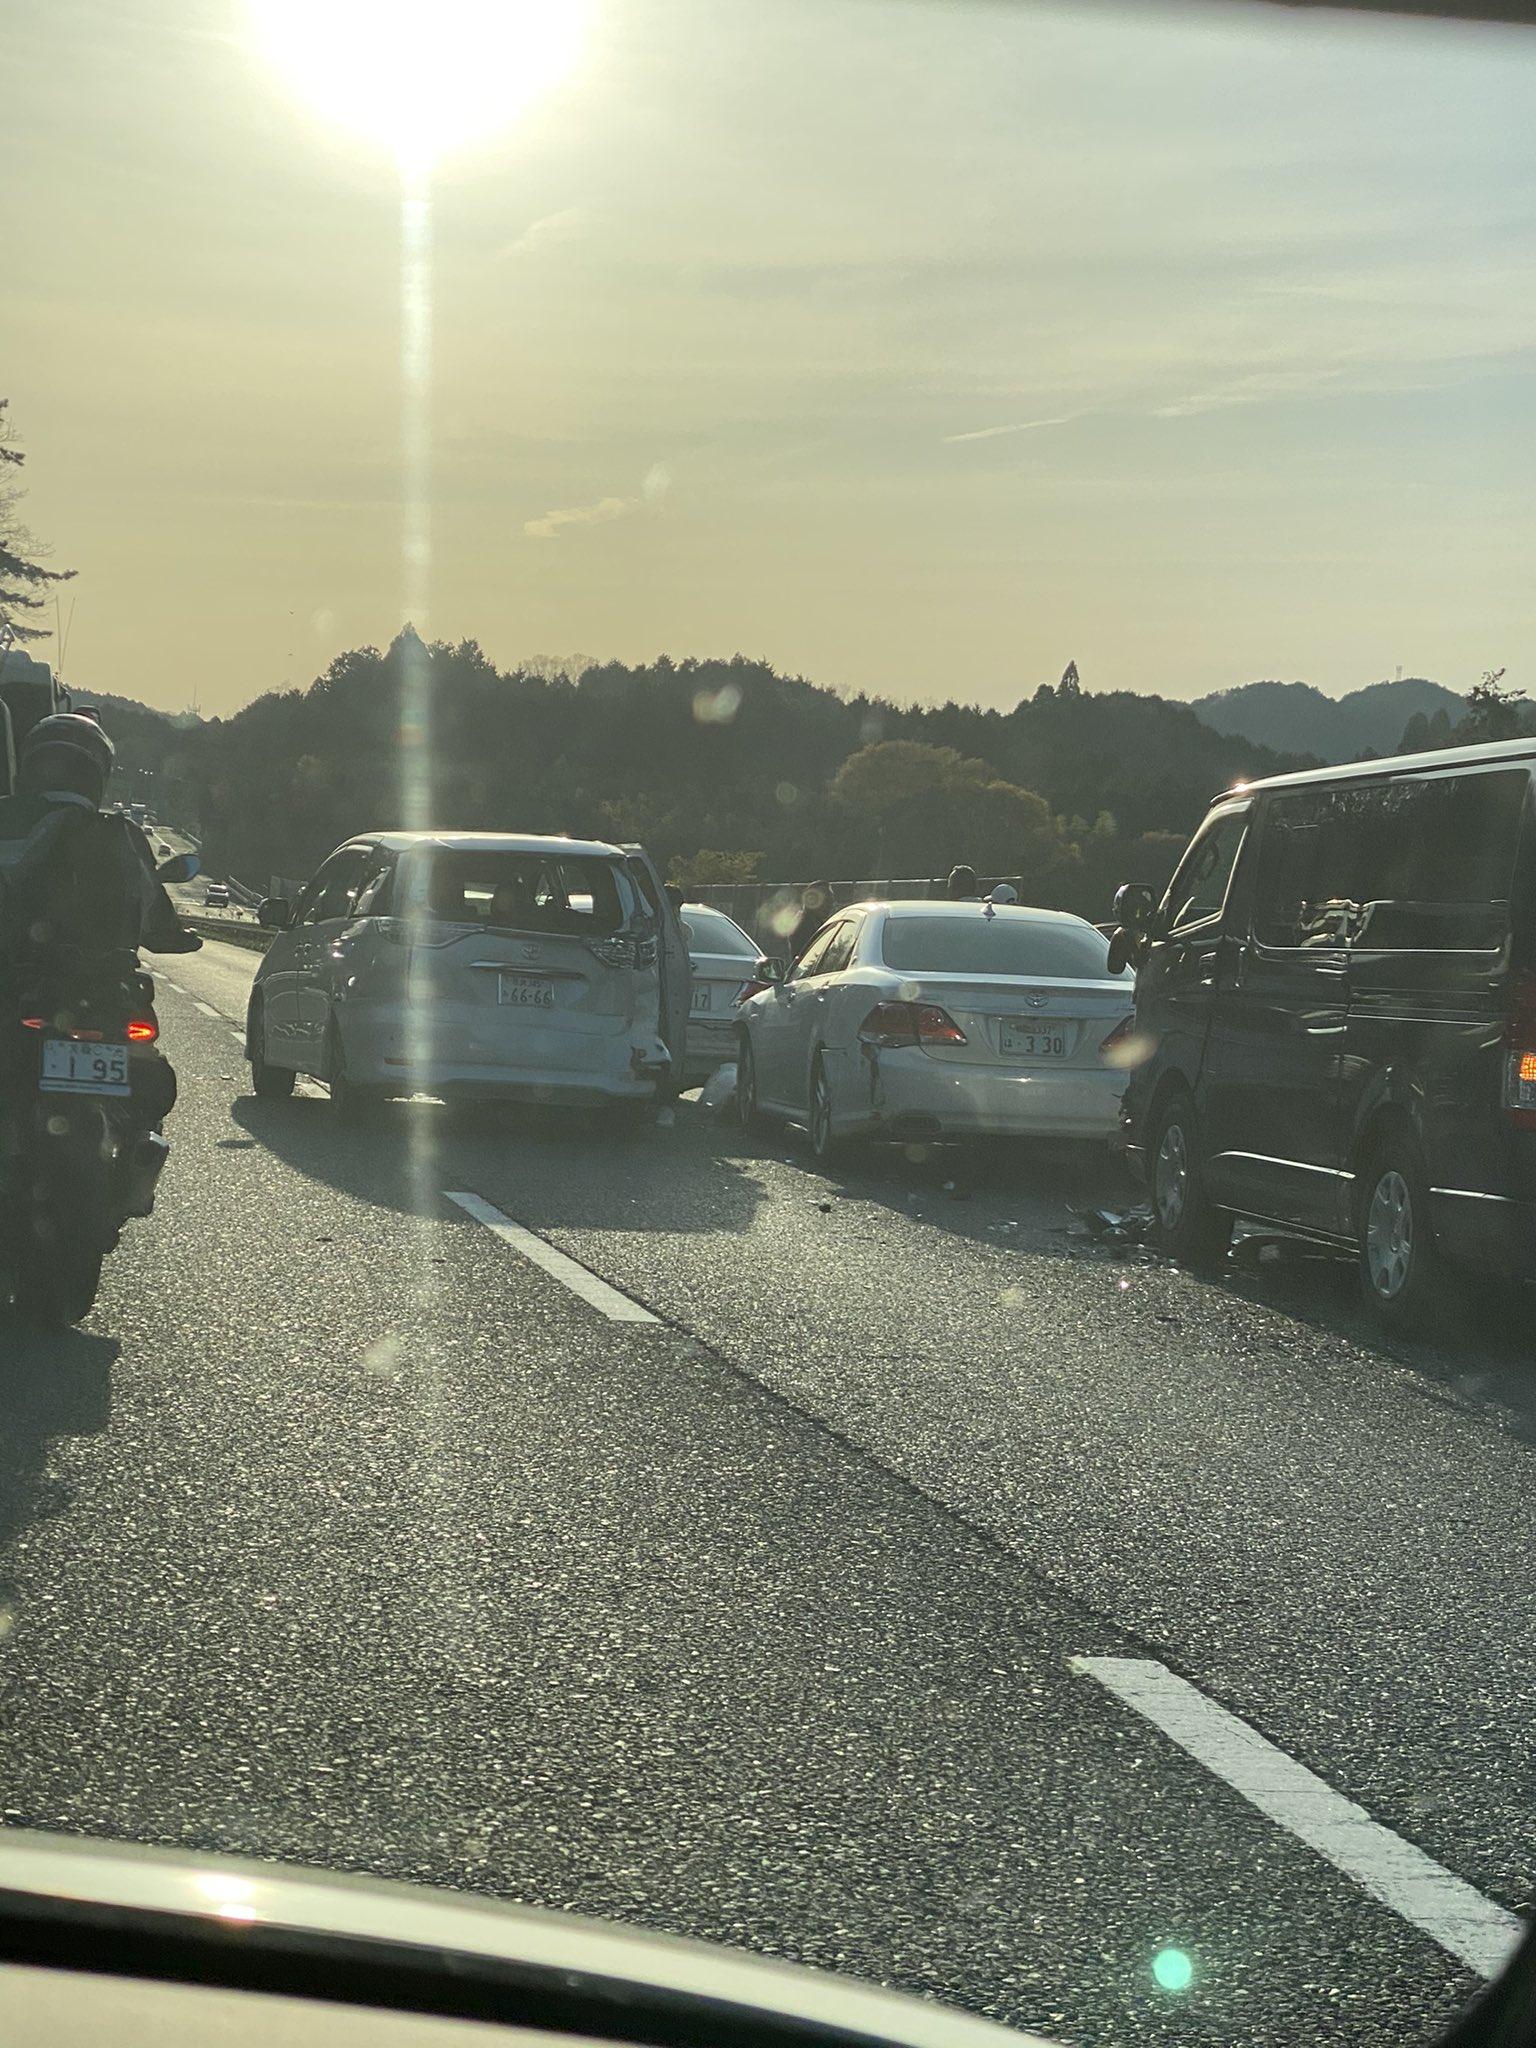 名阪国道の福住IC付近の玉突き事故の現場画像